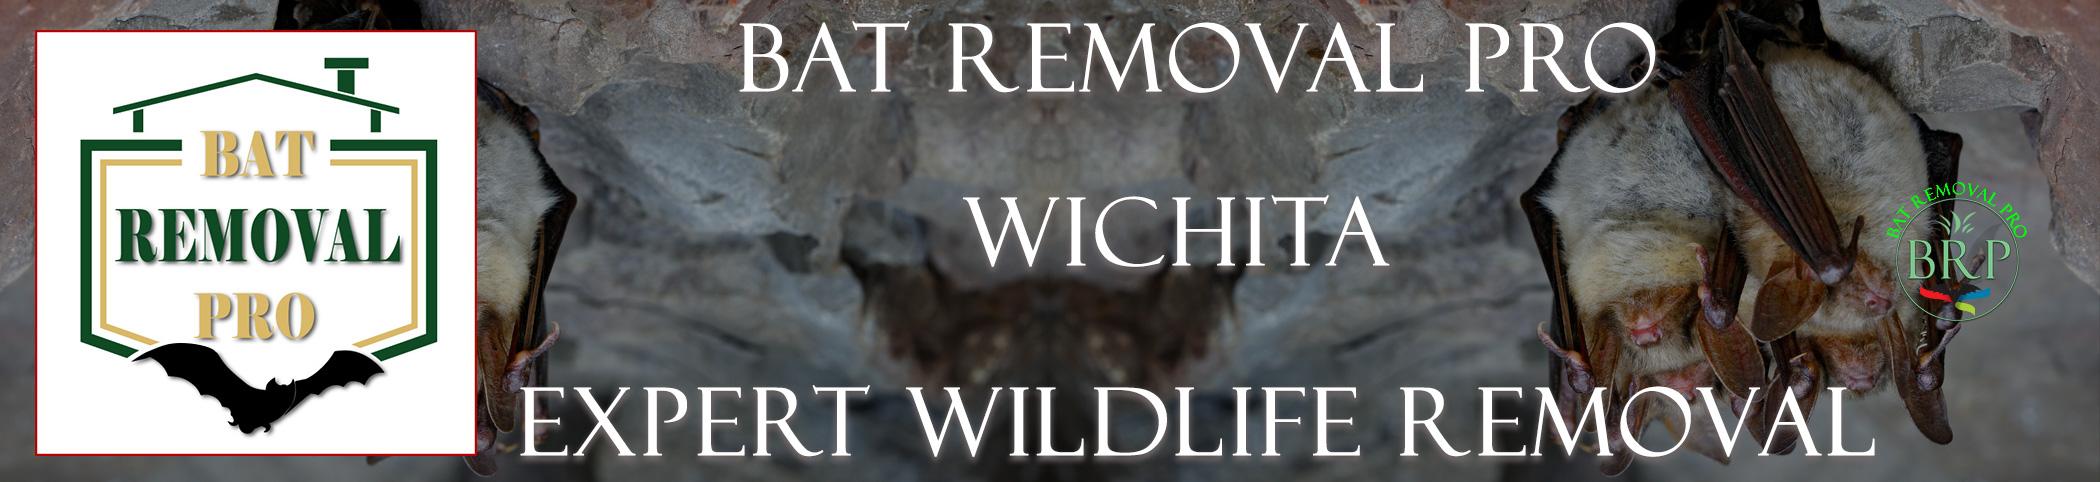 wichita-bat-removal-at-bat-removal-pro-header-image